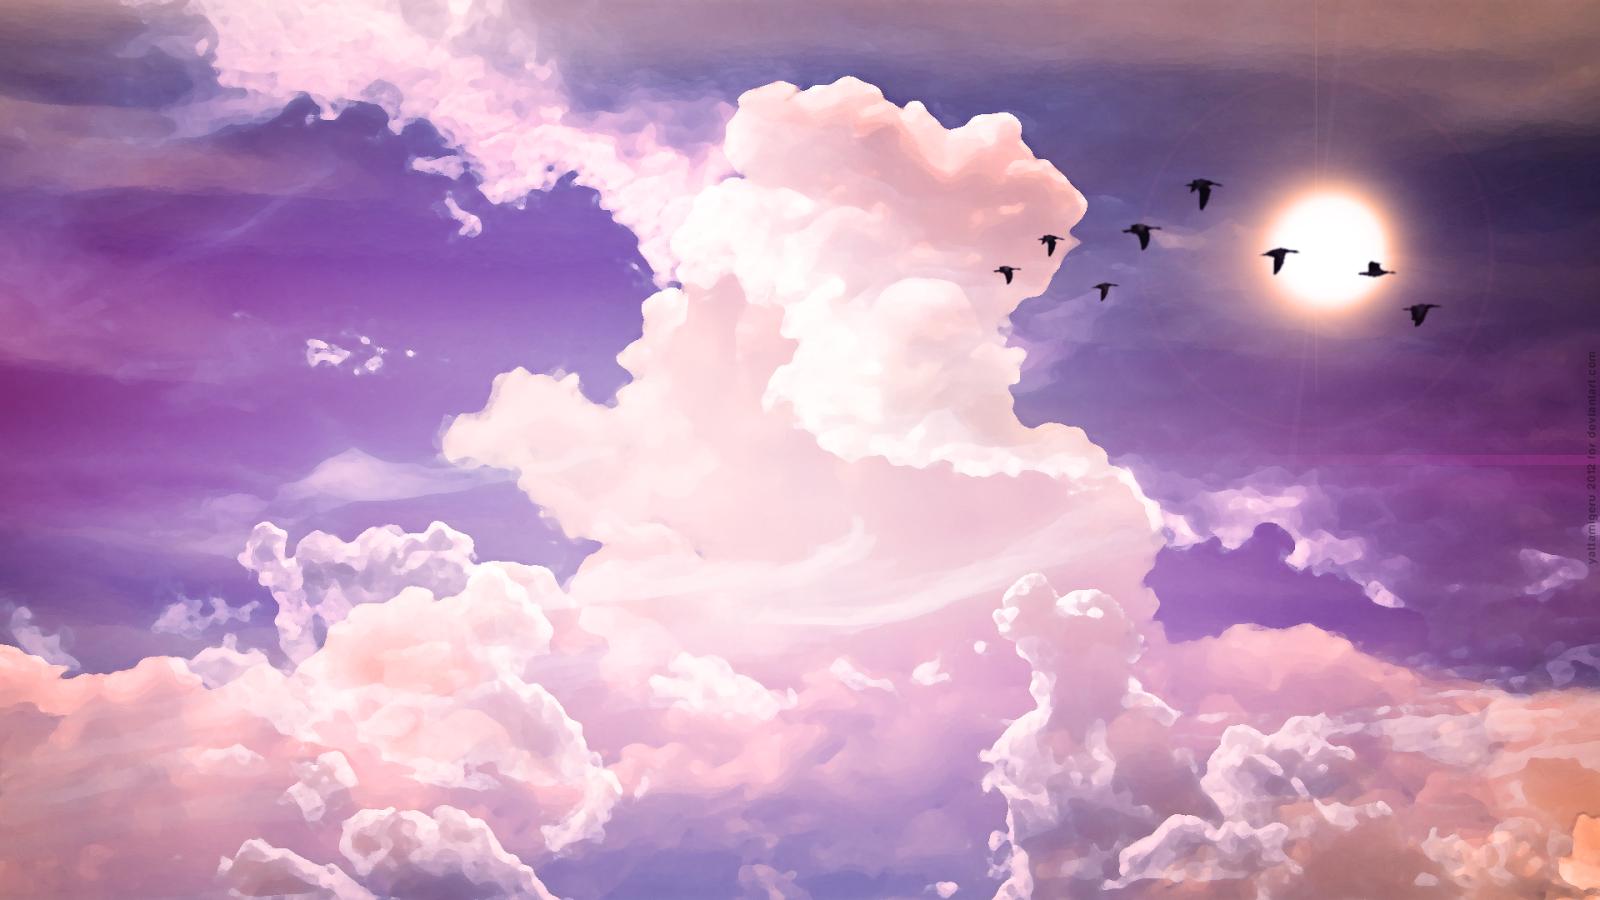 hd wallpapers for desktop sky cloud wallpapers hd 1600x900